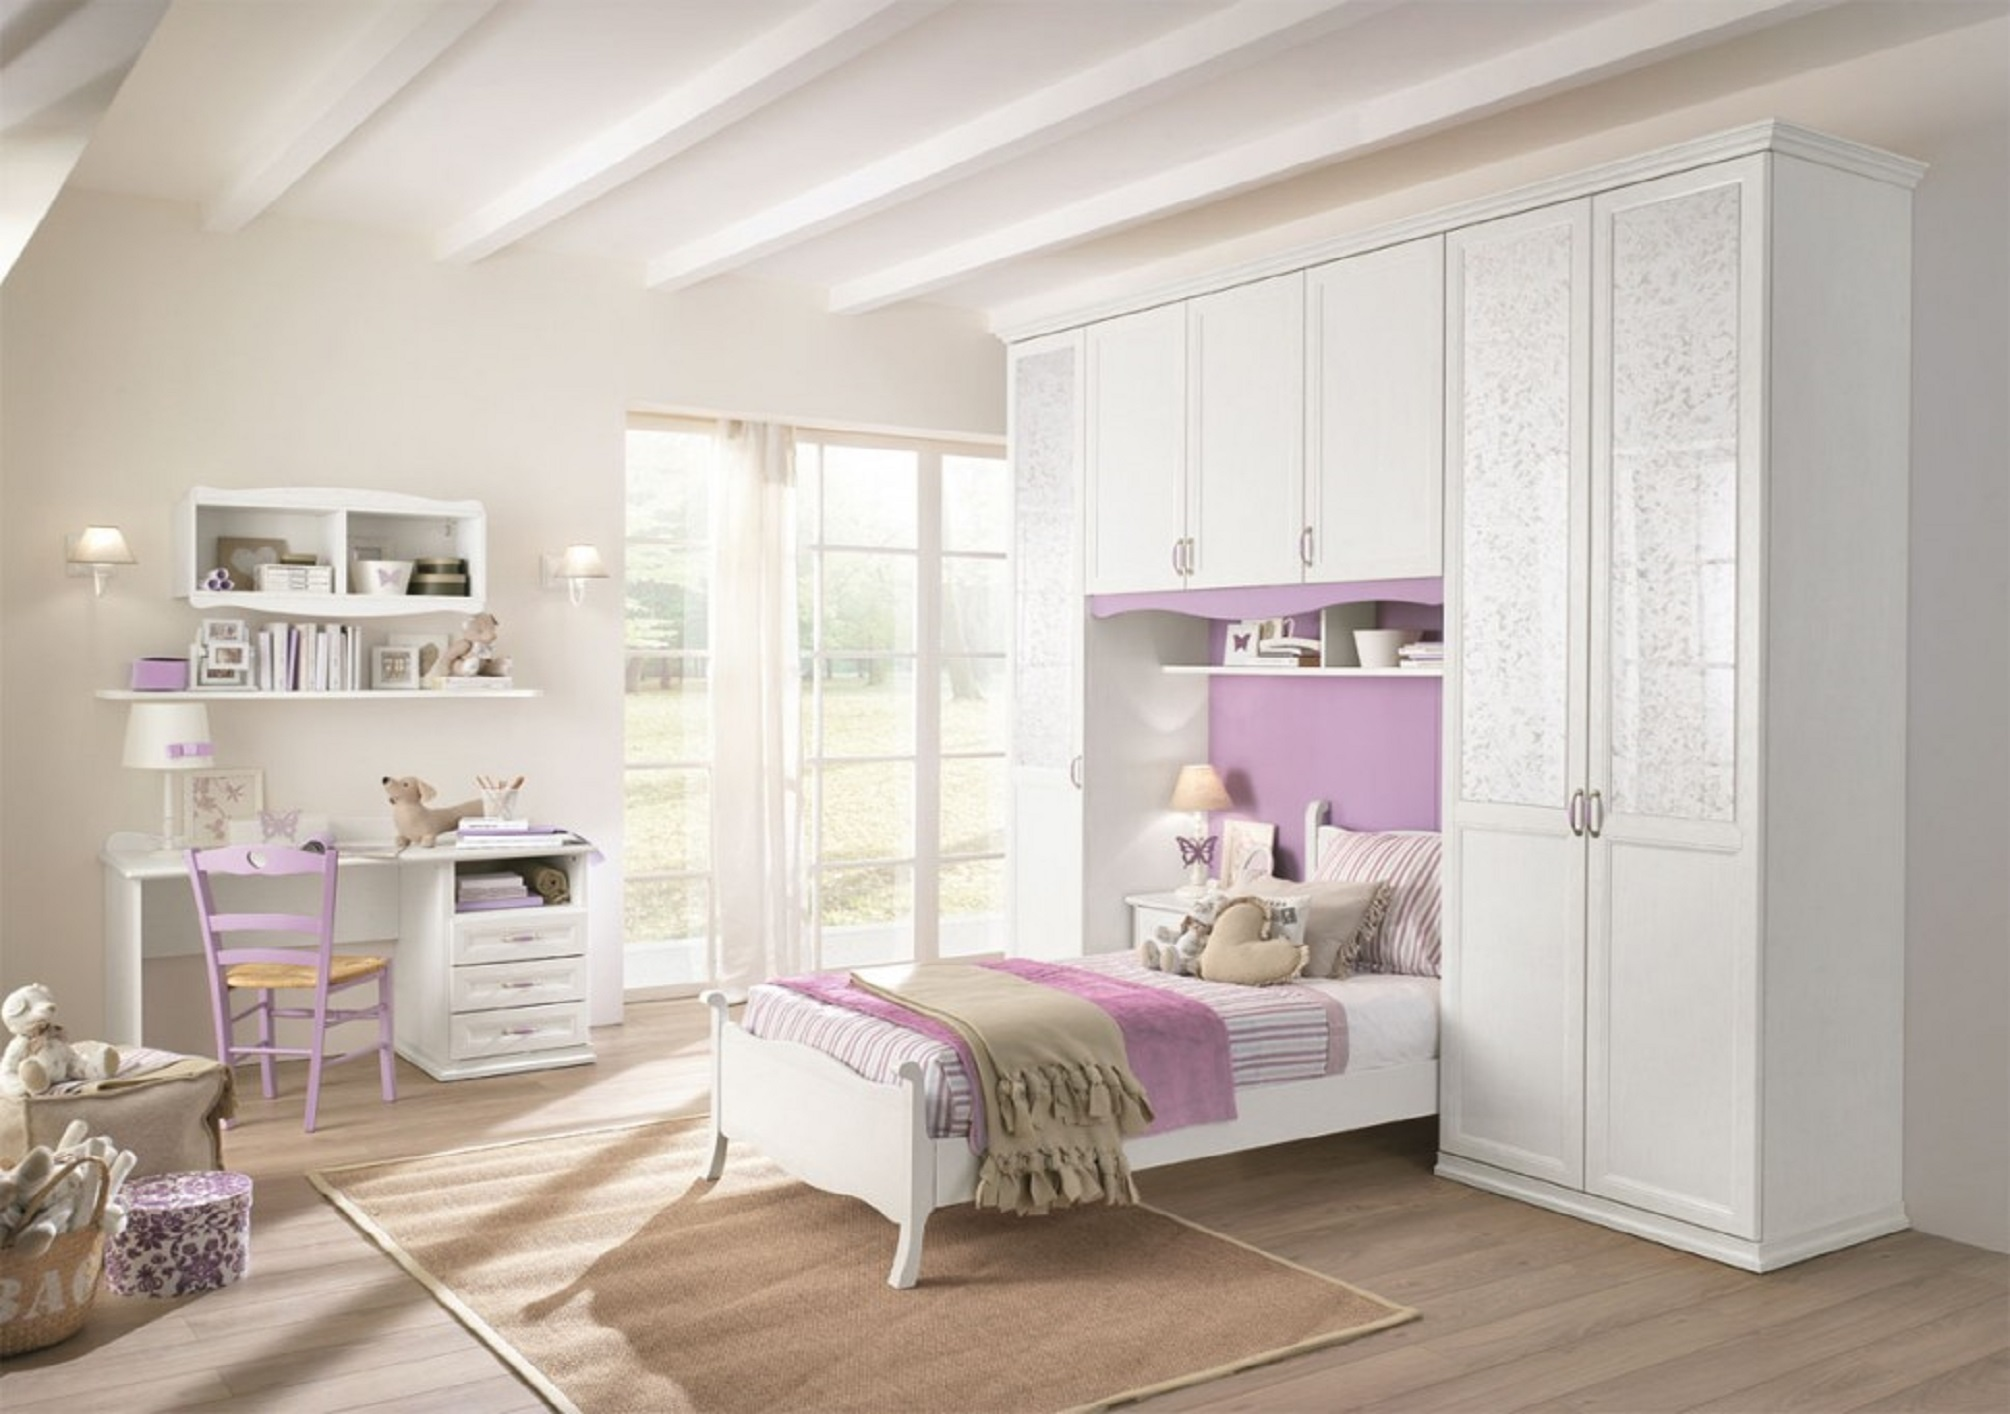 Cameretta-Classica-collezione-Arcadia-7-Camerette-in-legno ...